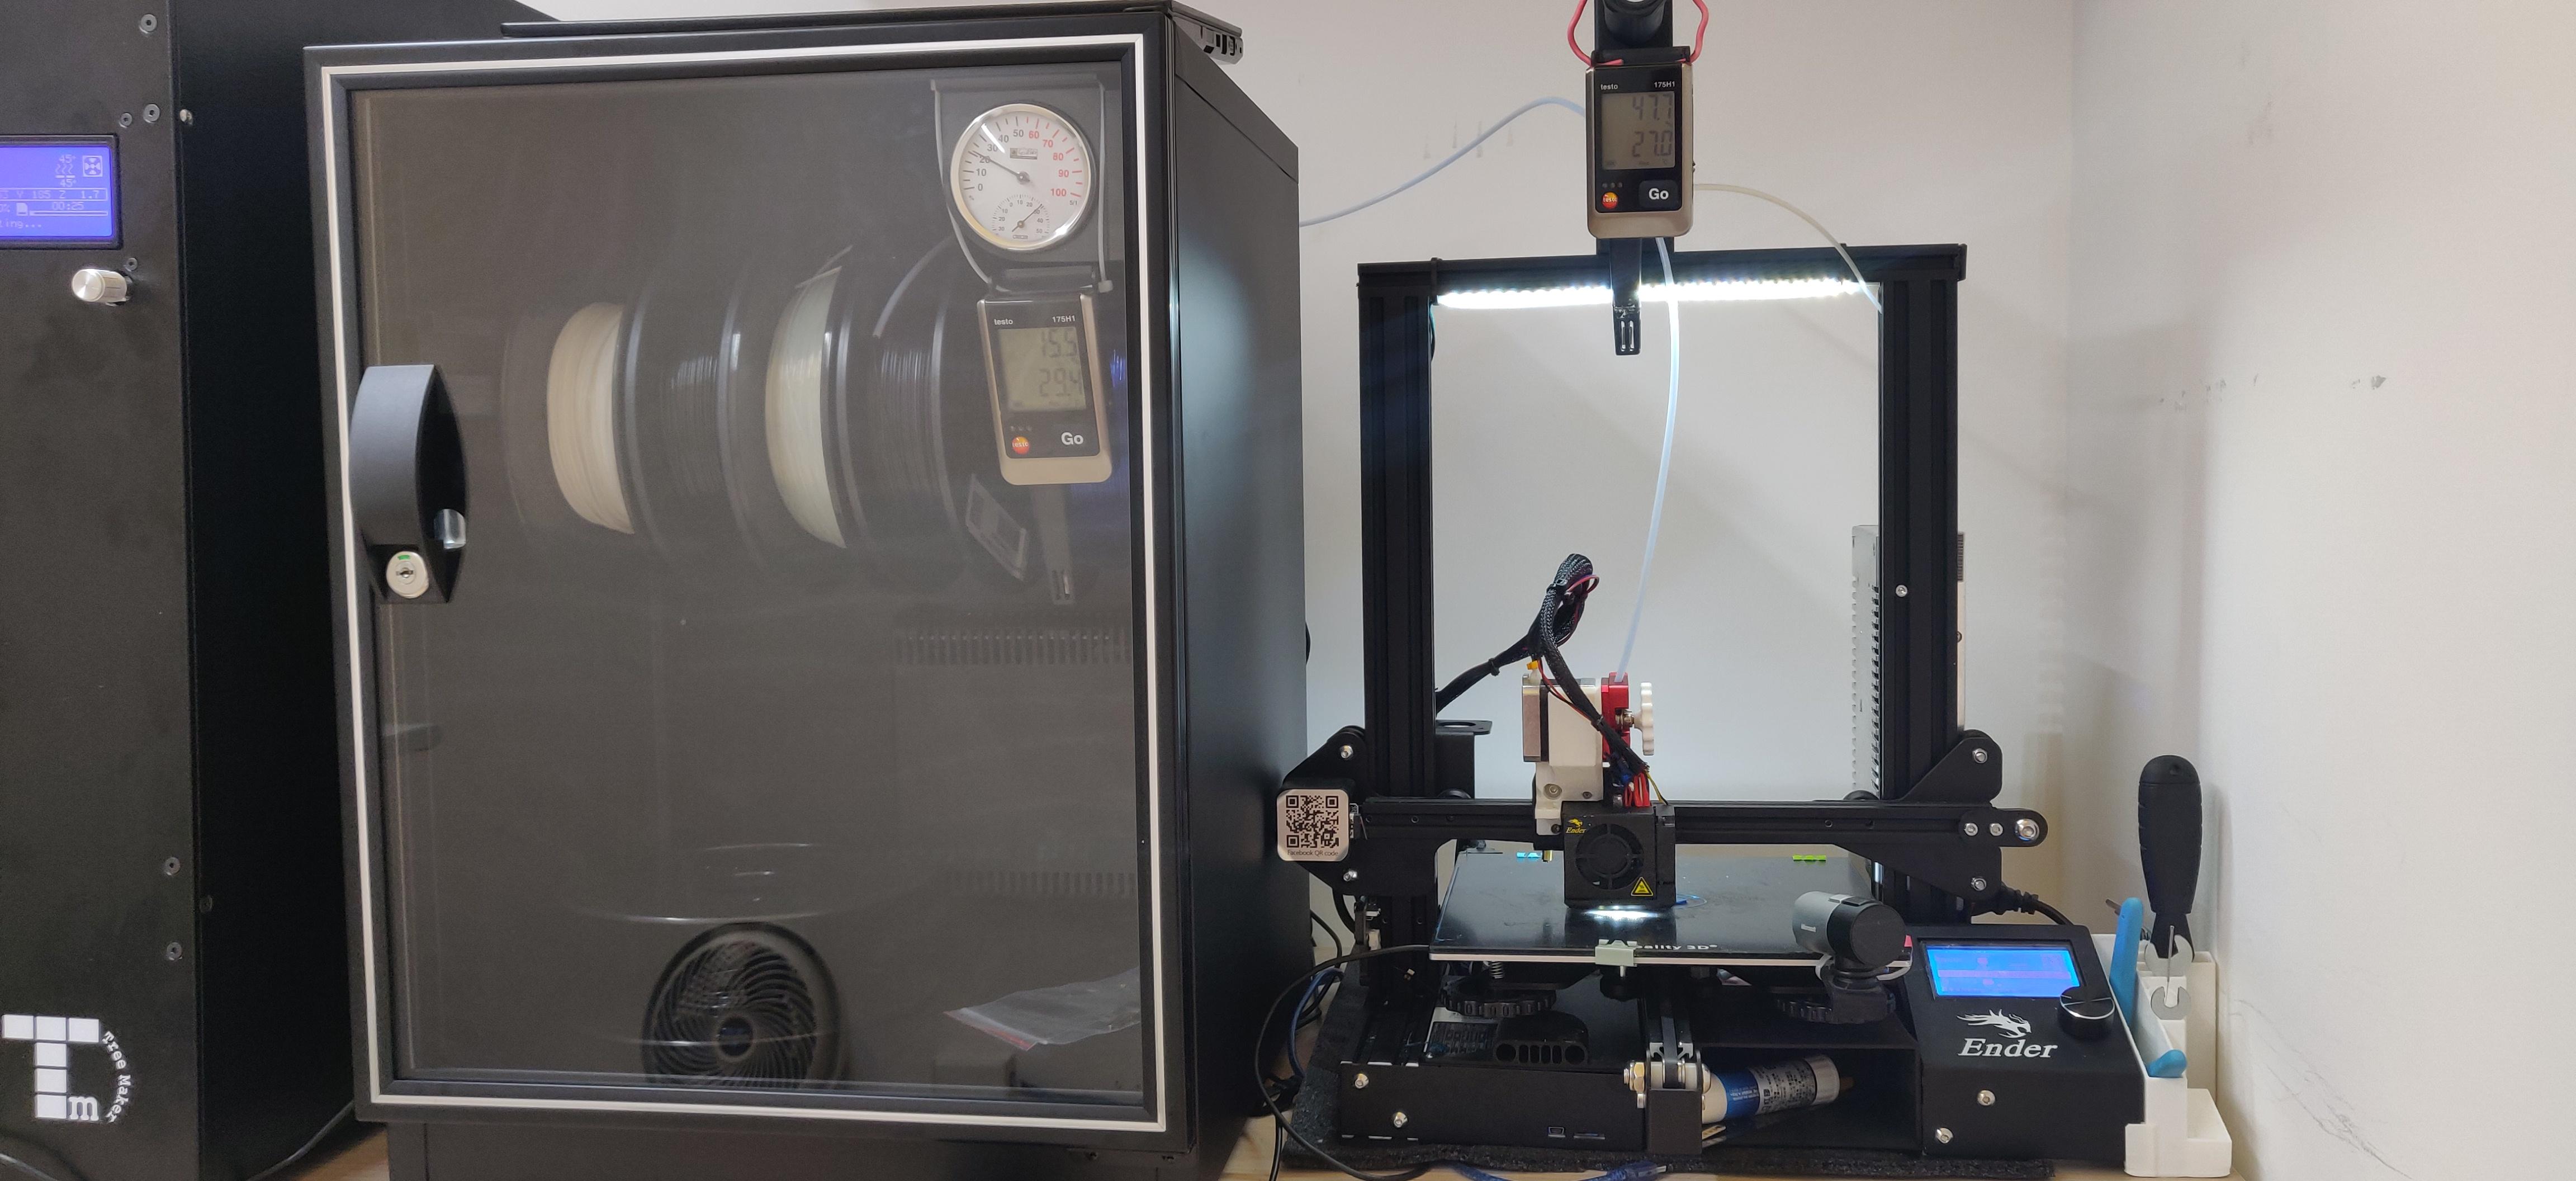 Eureka Dry Tech Creality Ender 3 3D printer